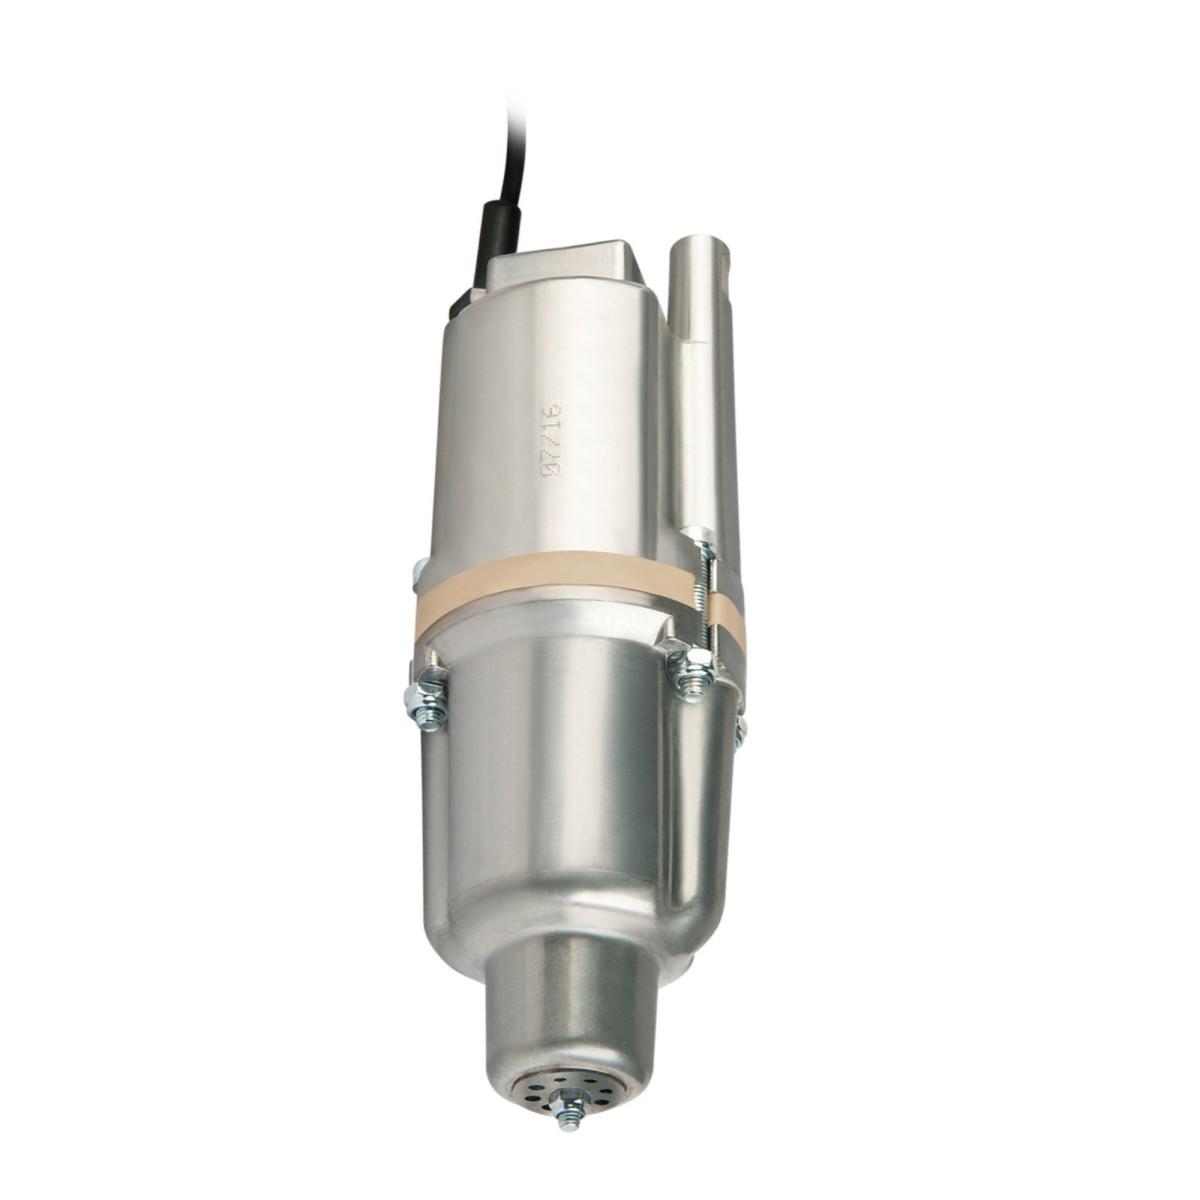 Насос садовый вибрационный Бавленец кабель 10 м 1600 л/час нижний забор